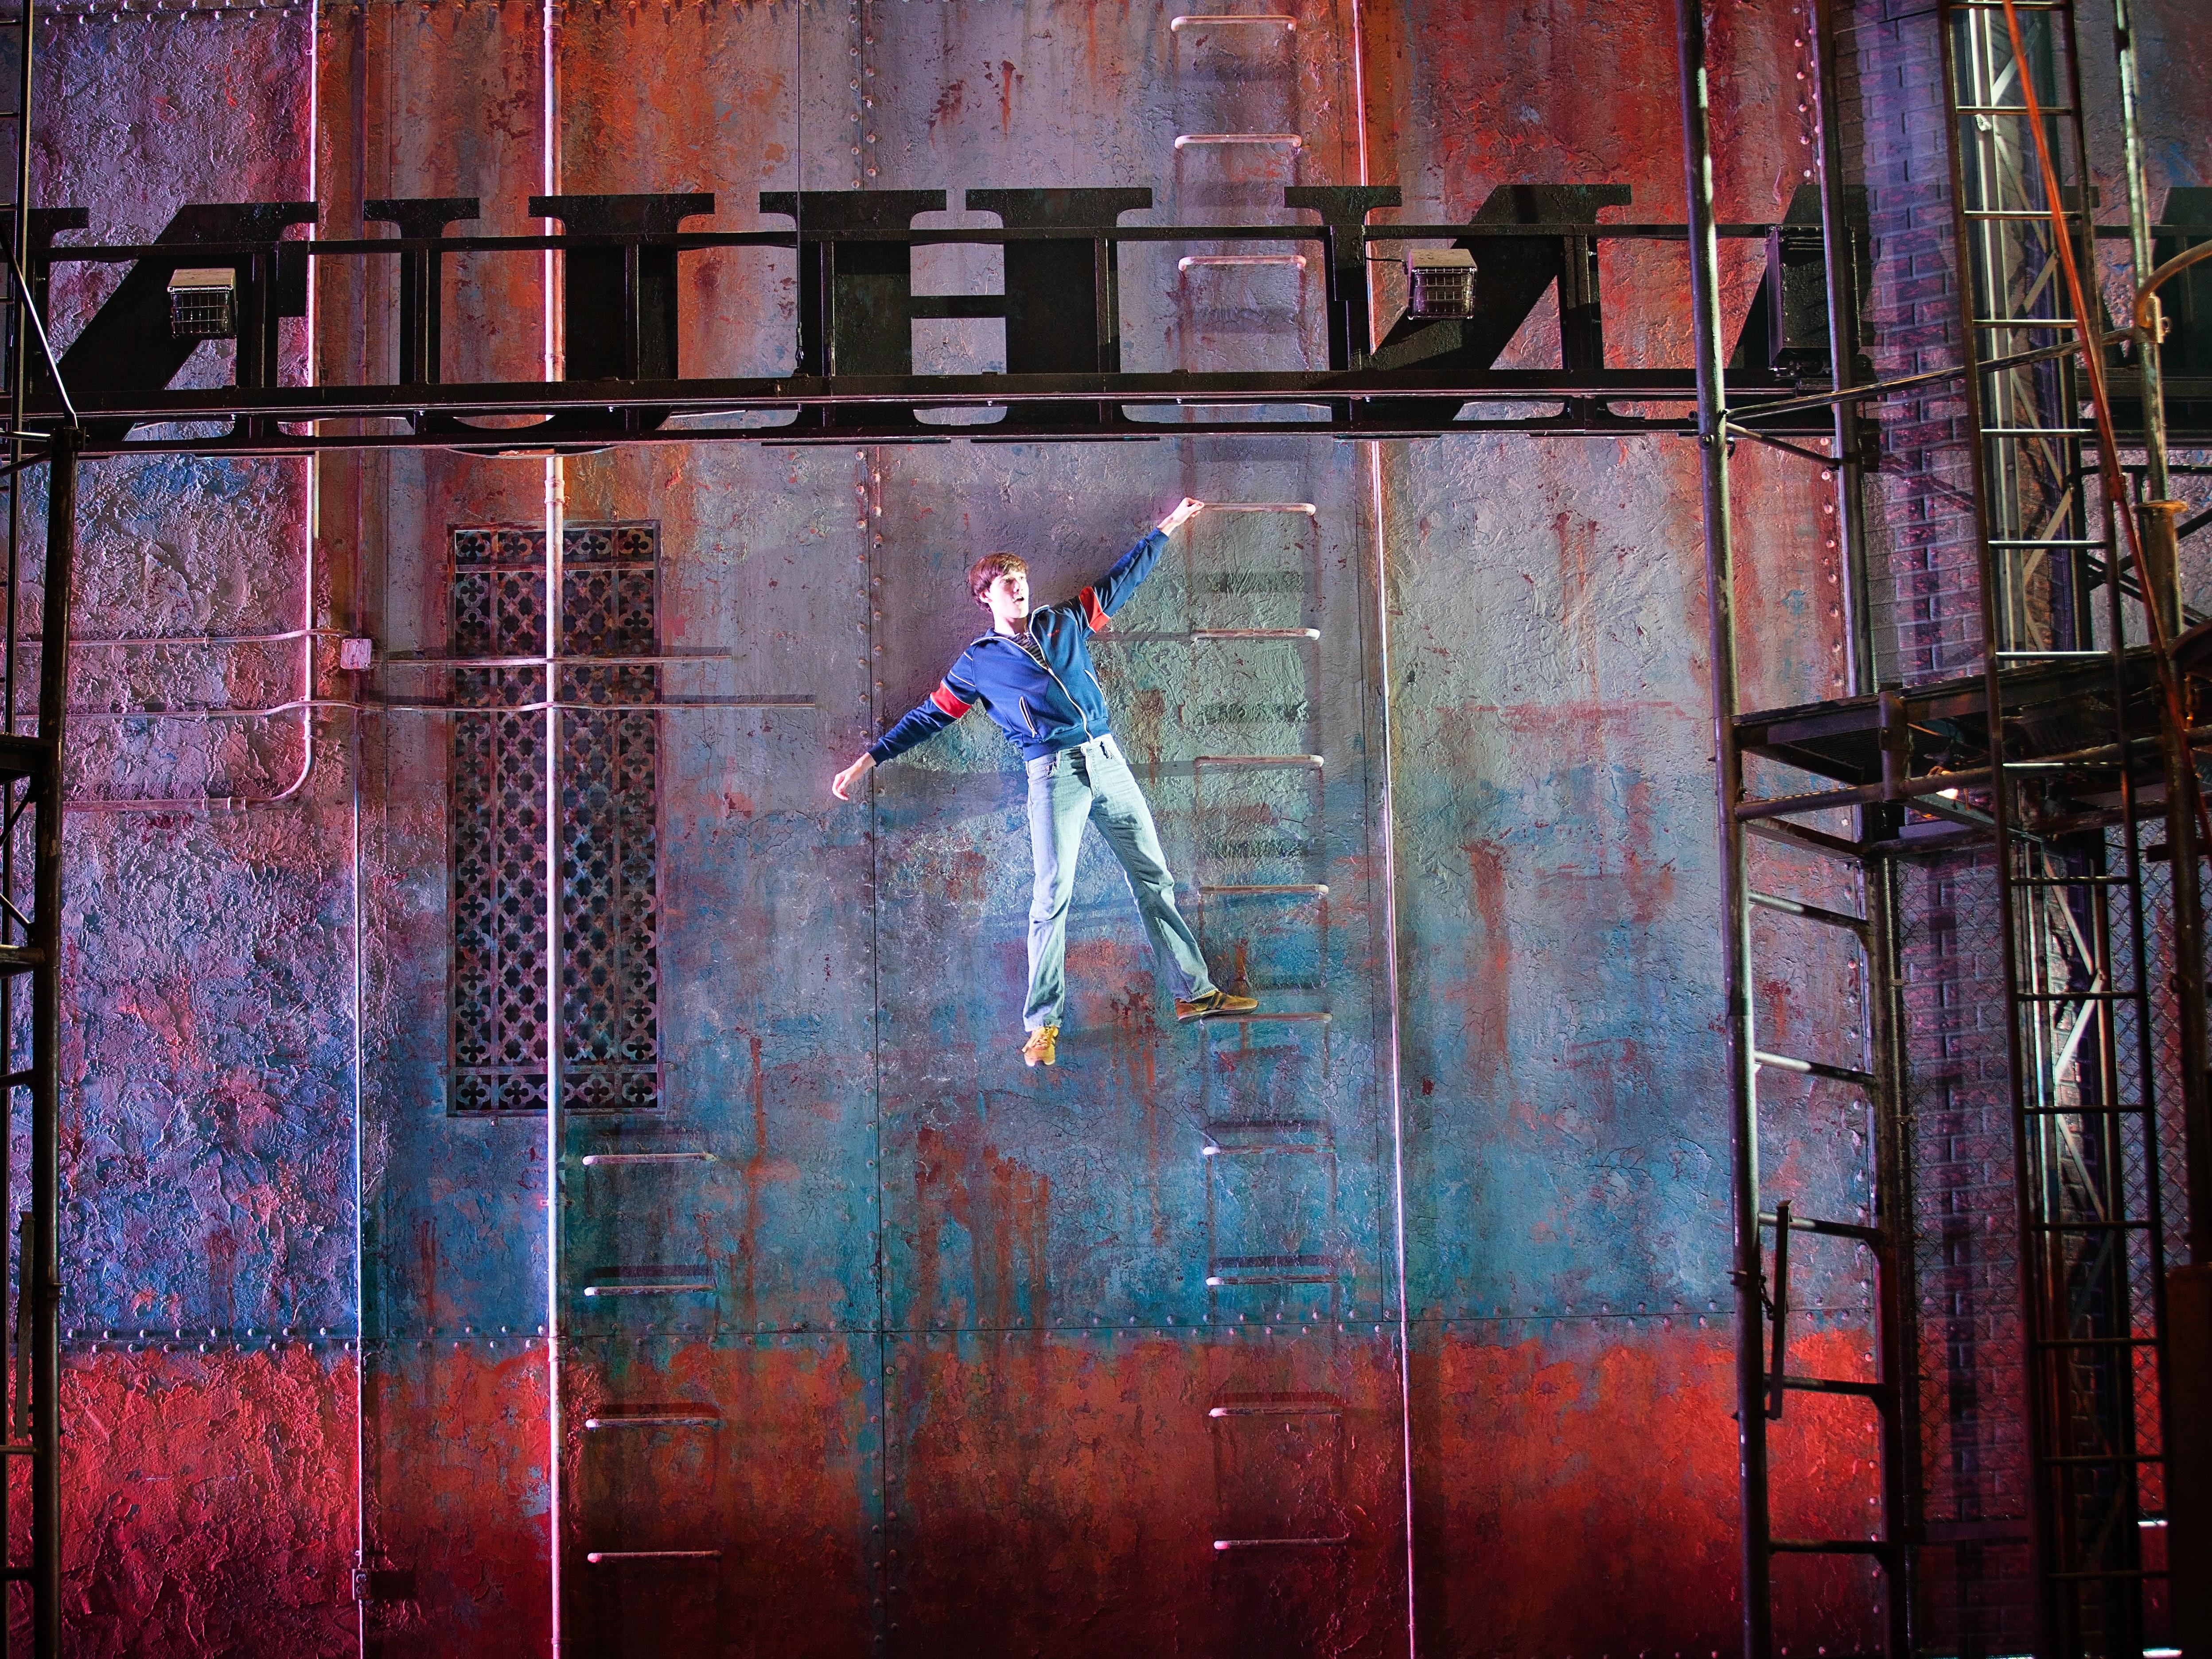 Tom on Ladder